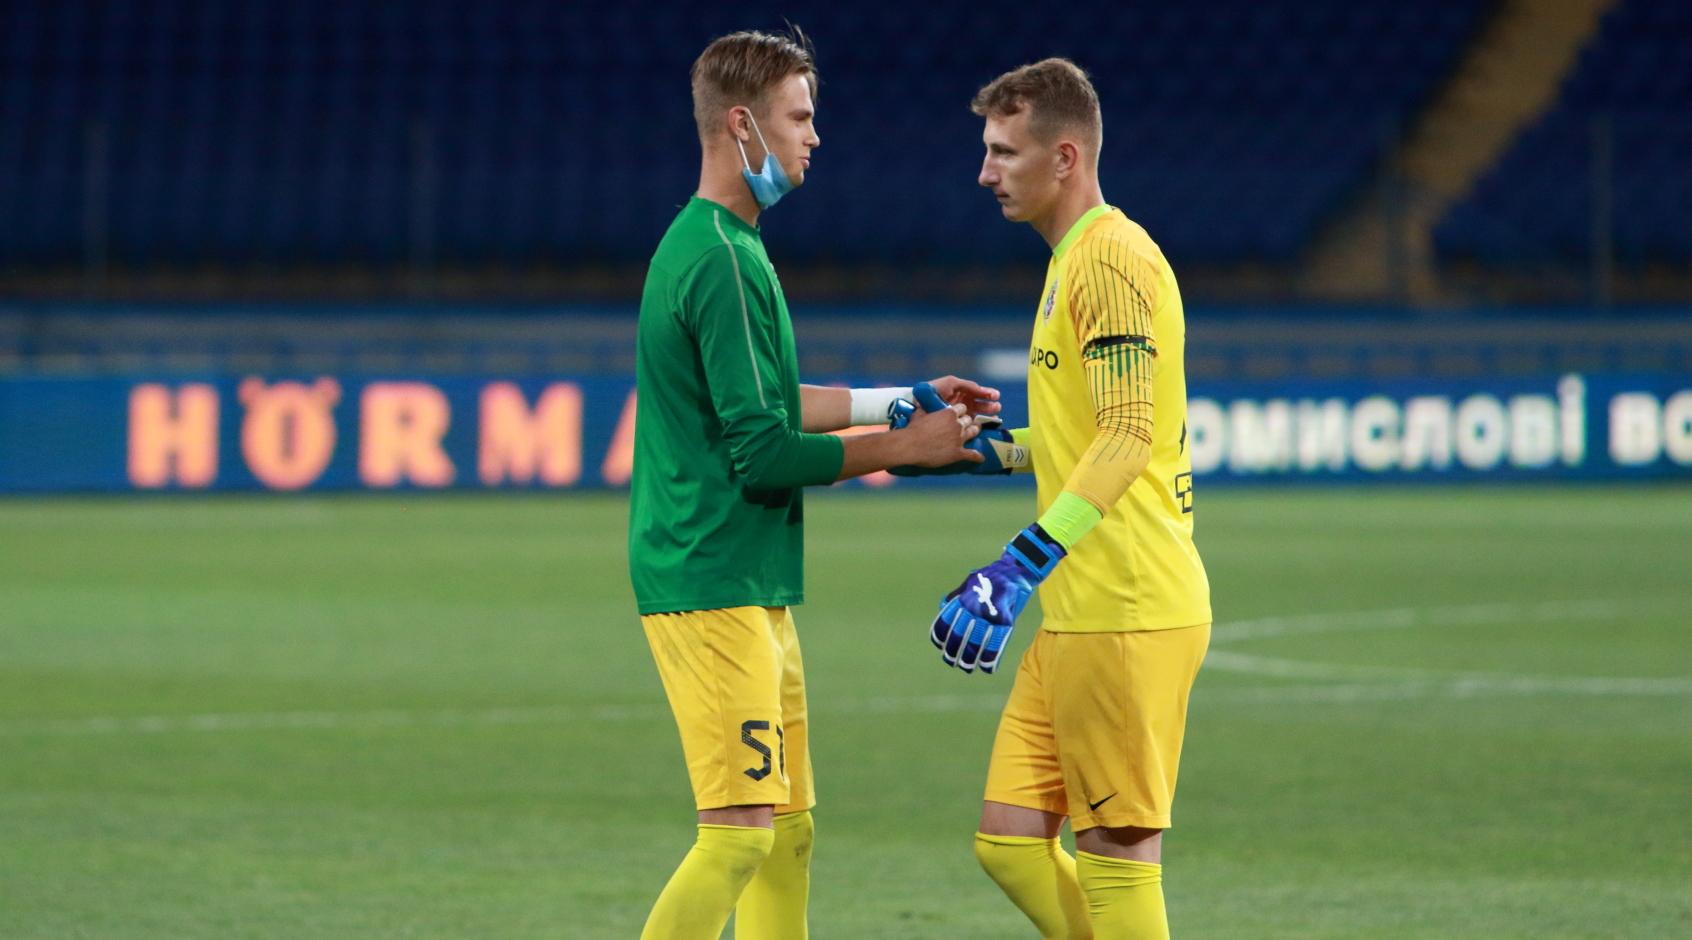 Молодые таланты УПЛ, или кто раскрылся в минувшем сезоне чемпионата Украины: часть первая - изображение 3